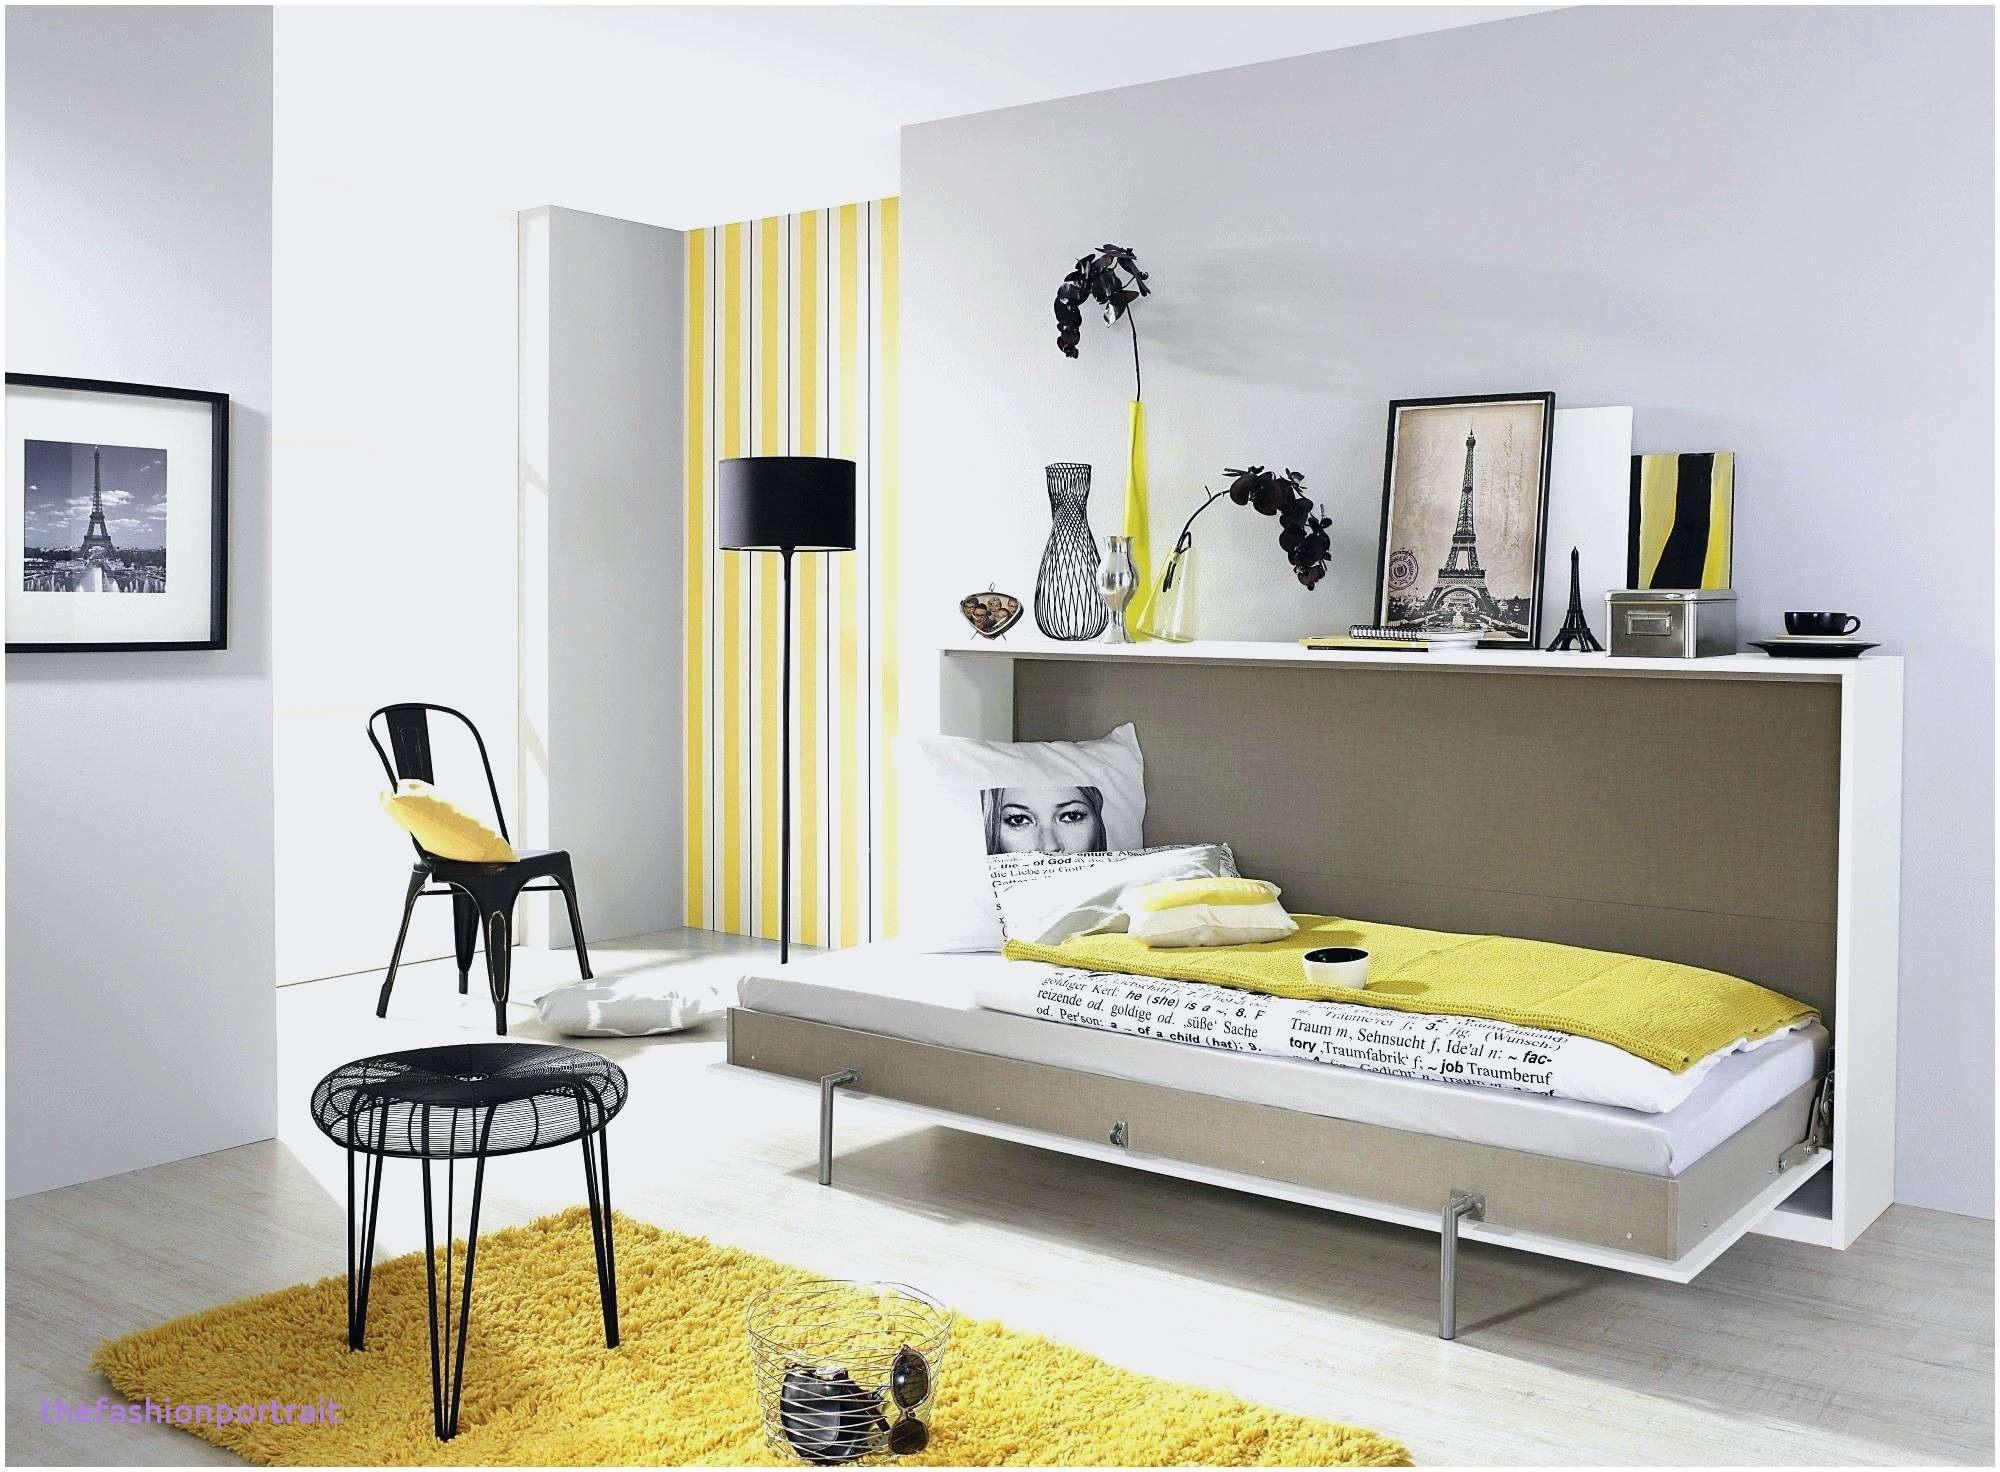 Lit Mezzanine 140x190 Ikea Le Luxe Frais Schreibtisch Klappbar Wand Schreibtisch Ergonomie Stichworte